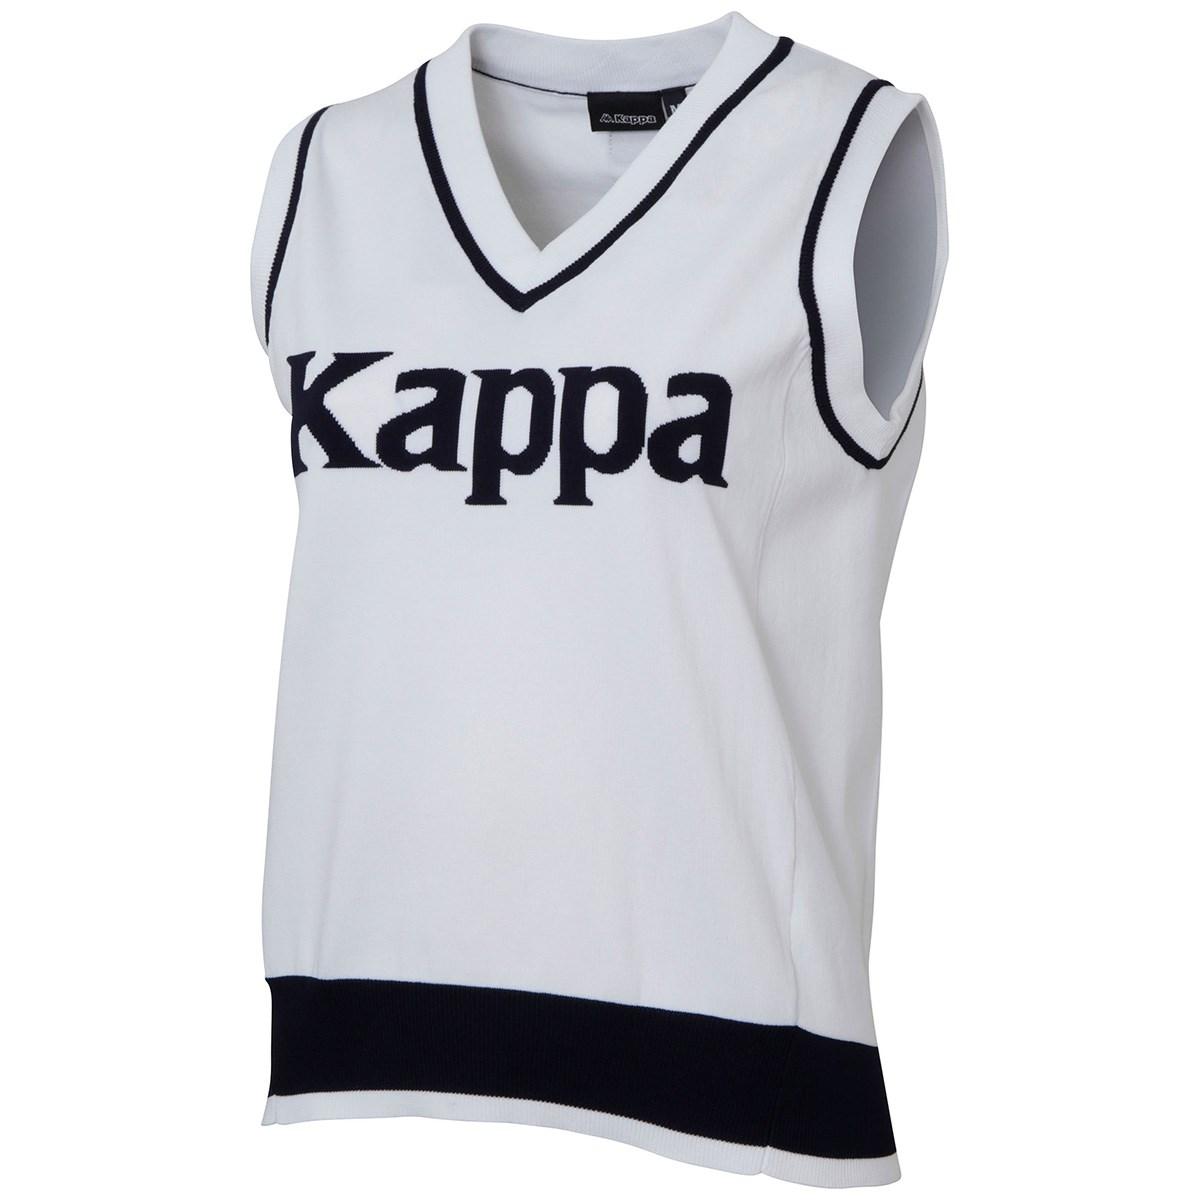 カッパ Kappa Kappa GOLF 胸ロゴニットベスト S ホワイト レディス